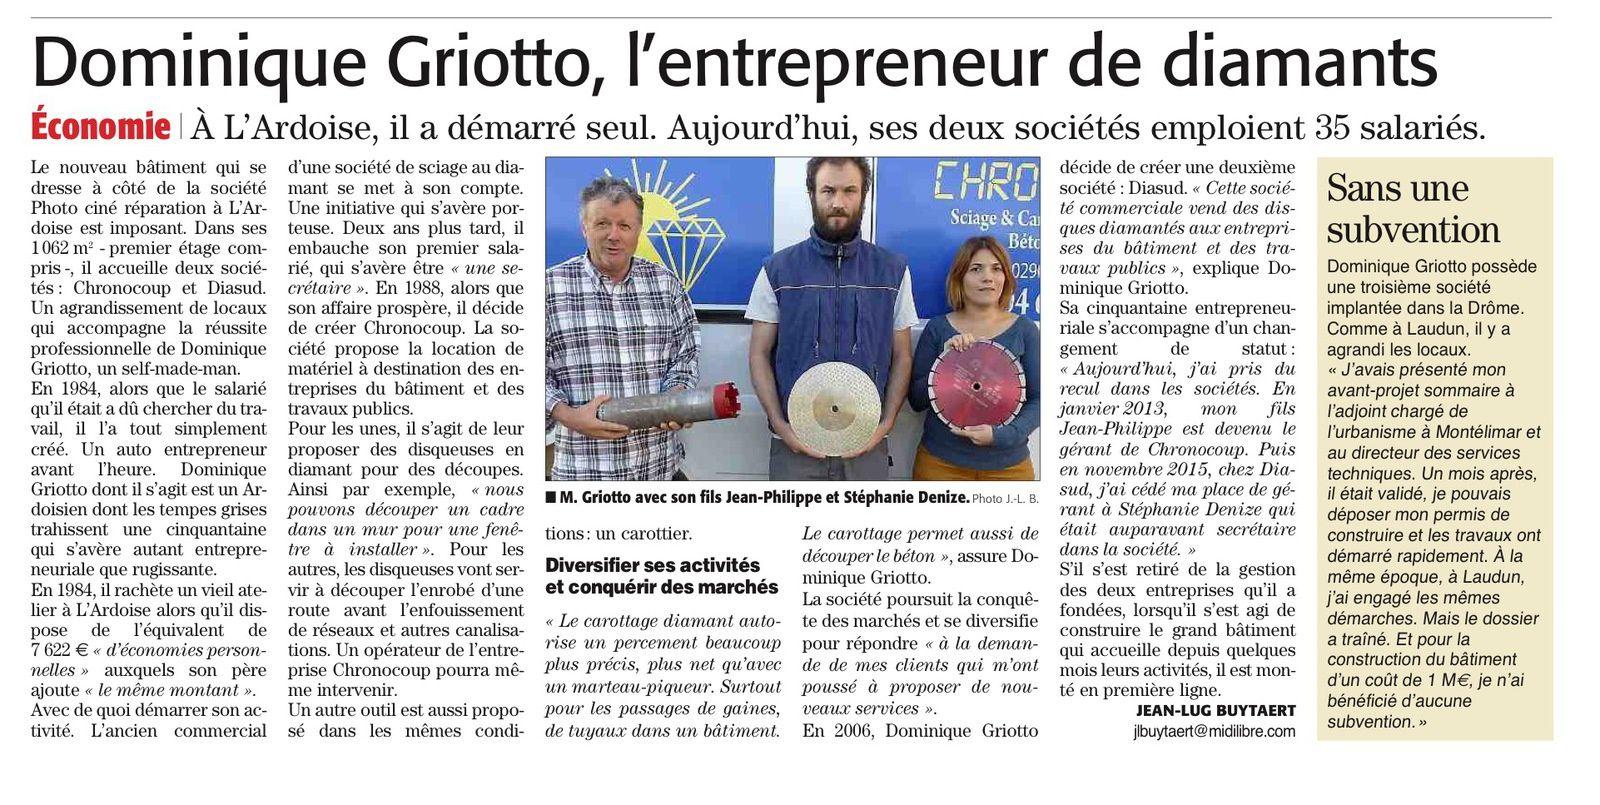 La réussite professionnelle de Dominique GRIOTTO ne passe pas par la commune